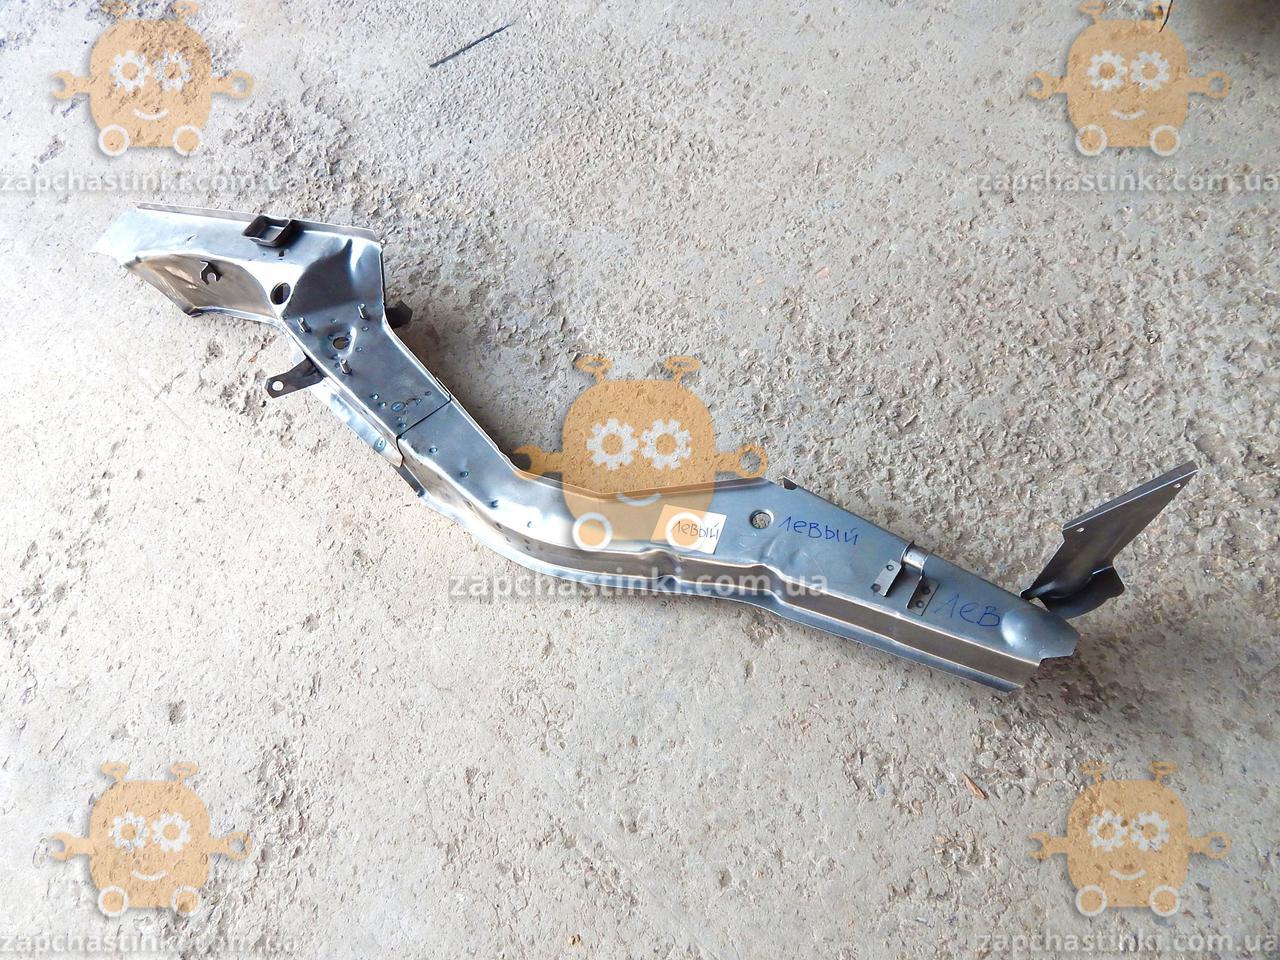 Лонжерон задний левый ВАЗ 2108 - 2109 без уха (пр-во Россия) ПИР 92014 (Предоплата 150грн)